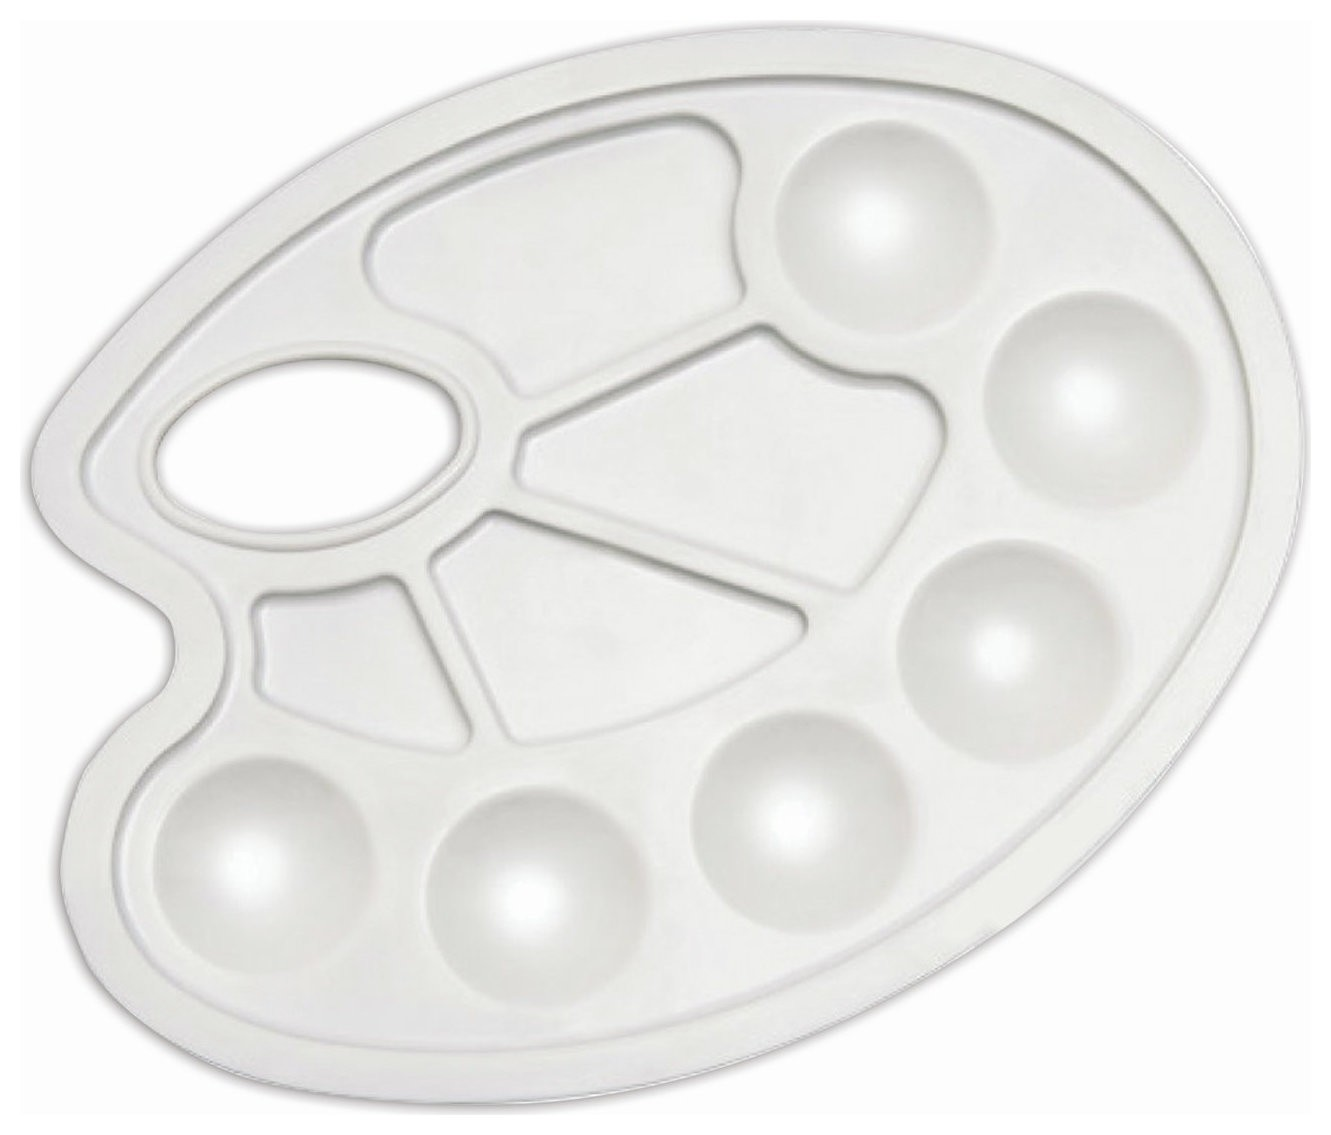 Палитра для рисования белая, овальная, 6 ячеек для красок и 4 ячейки для смешивания  Пифагор